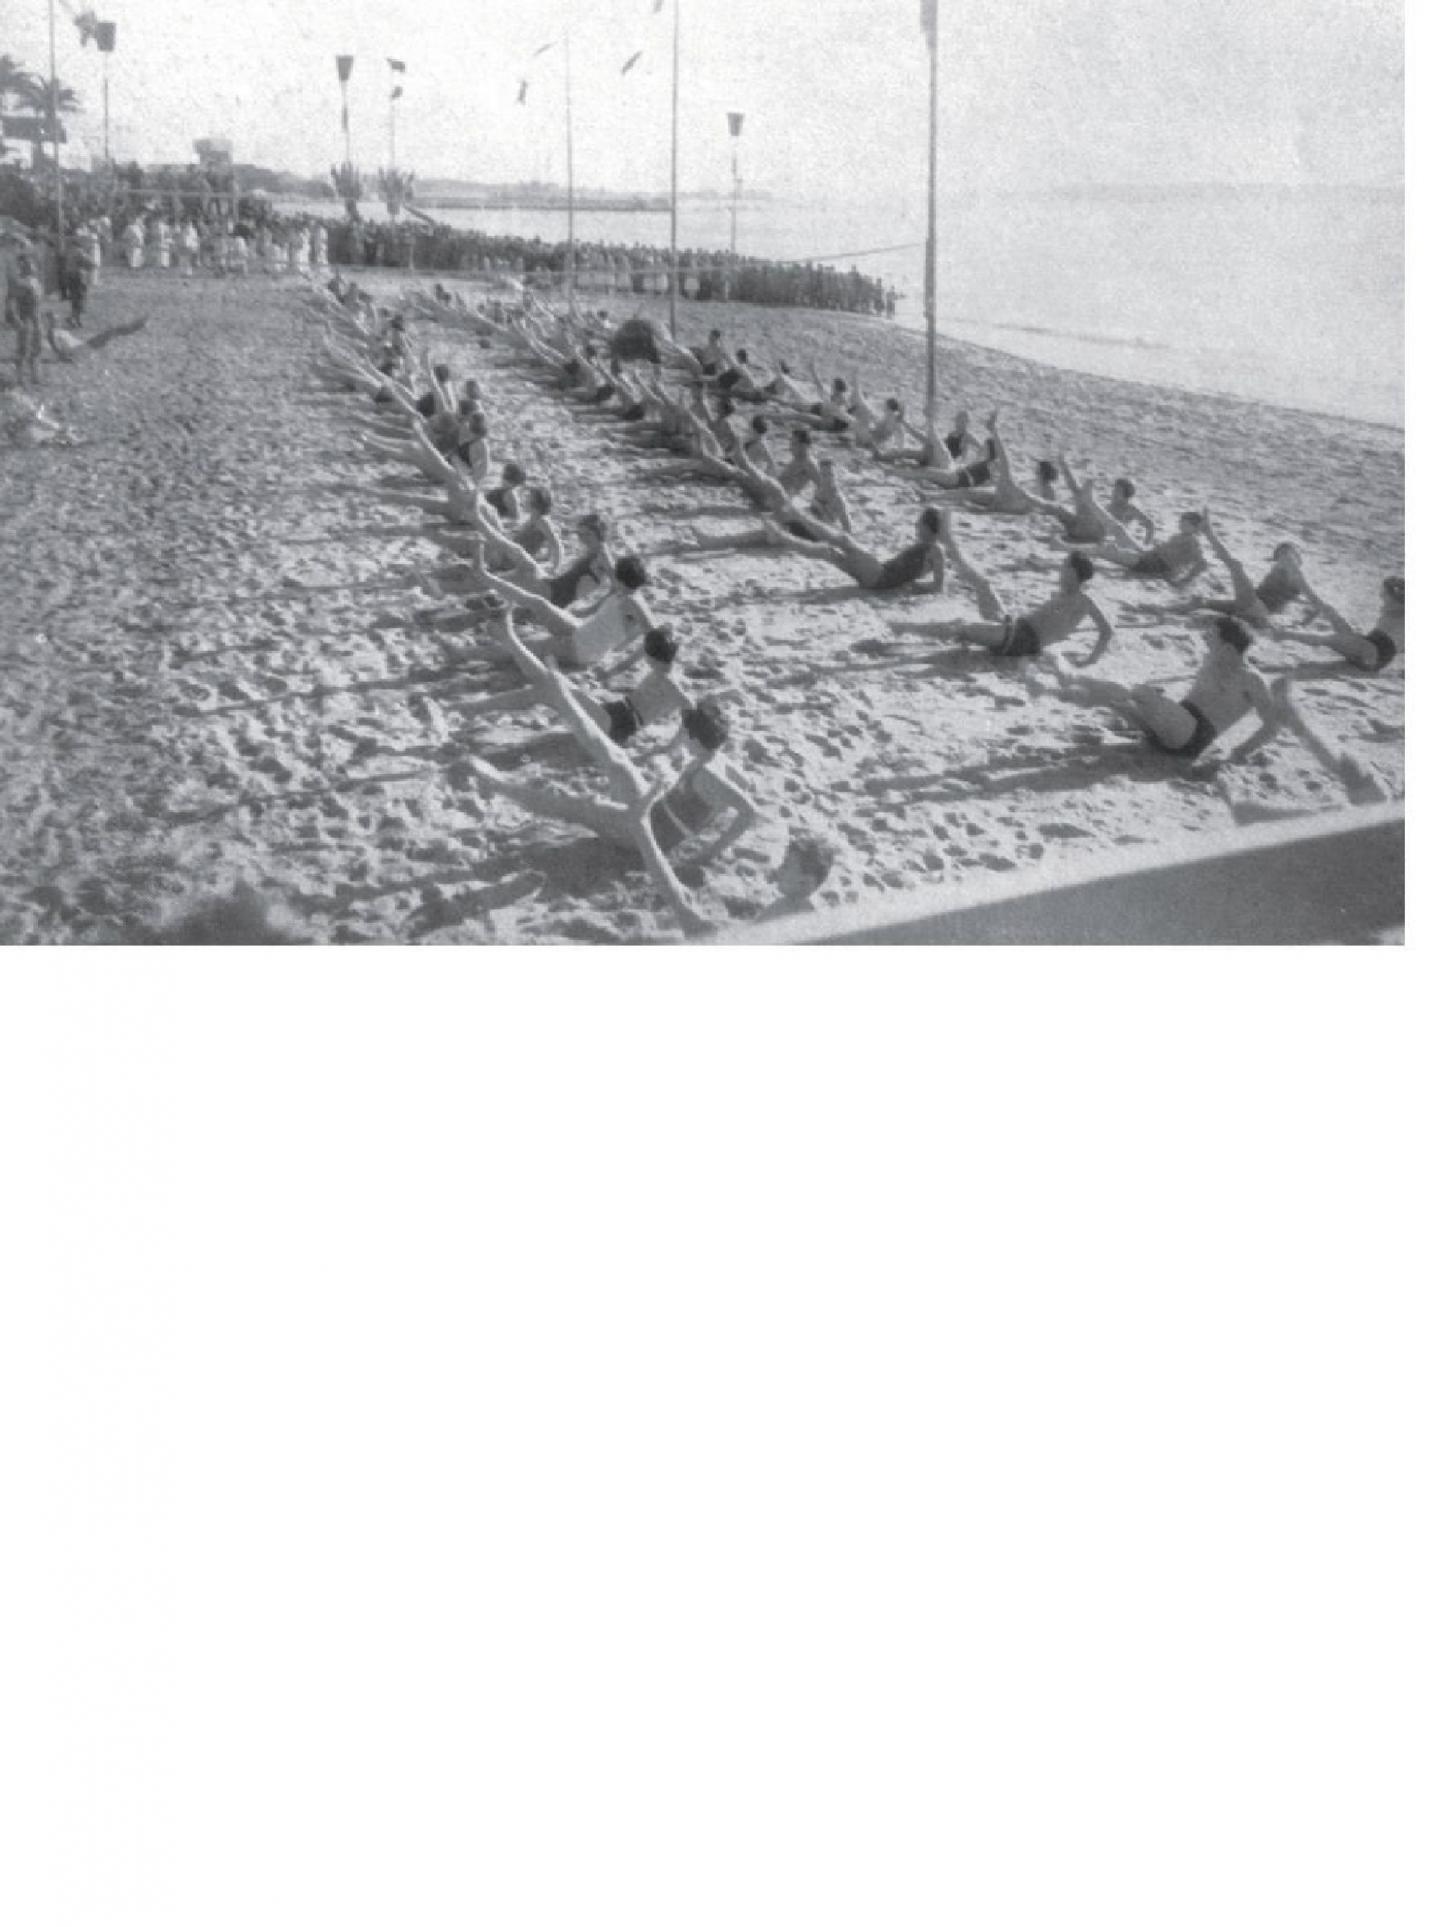 La plage du Midi à Cannes, en 1934.